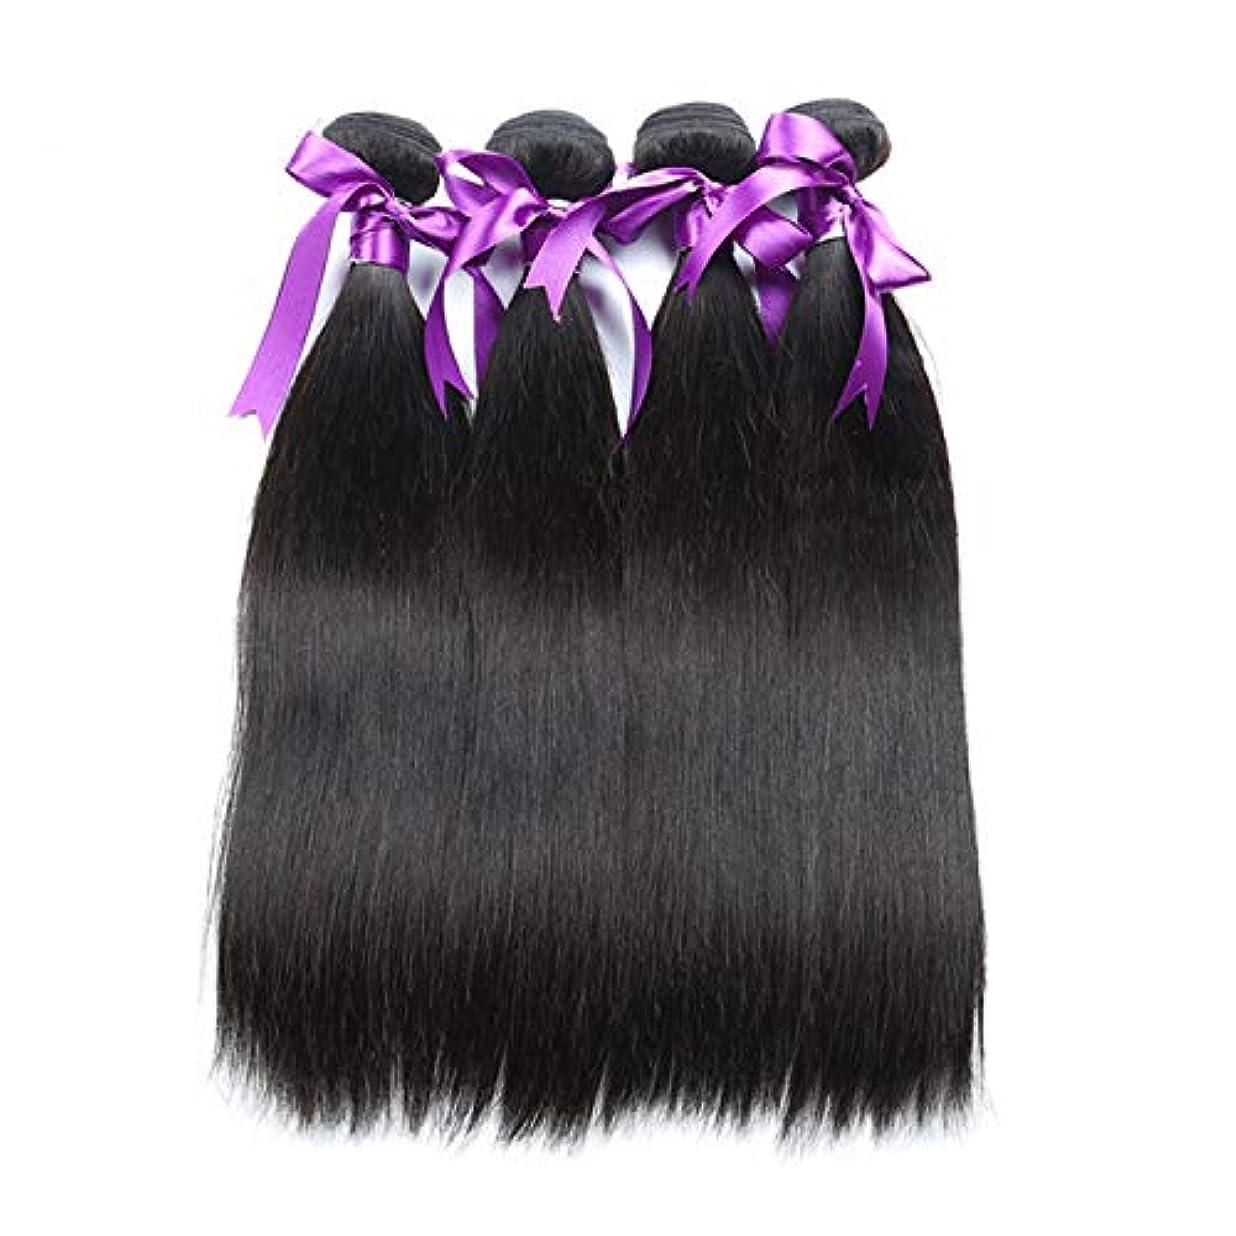 ホイットニー意気込みから聞くかつら マレーシアのストレートヘア4本の人間の髪の束非レミーの毛の延長天然黒体毛髪のかつら (Length : 8 8 10 10)